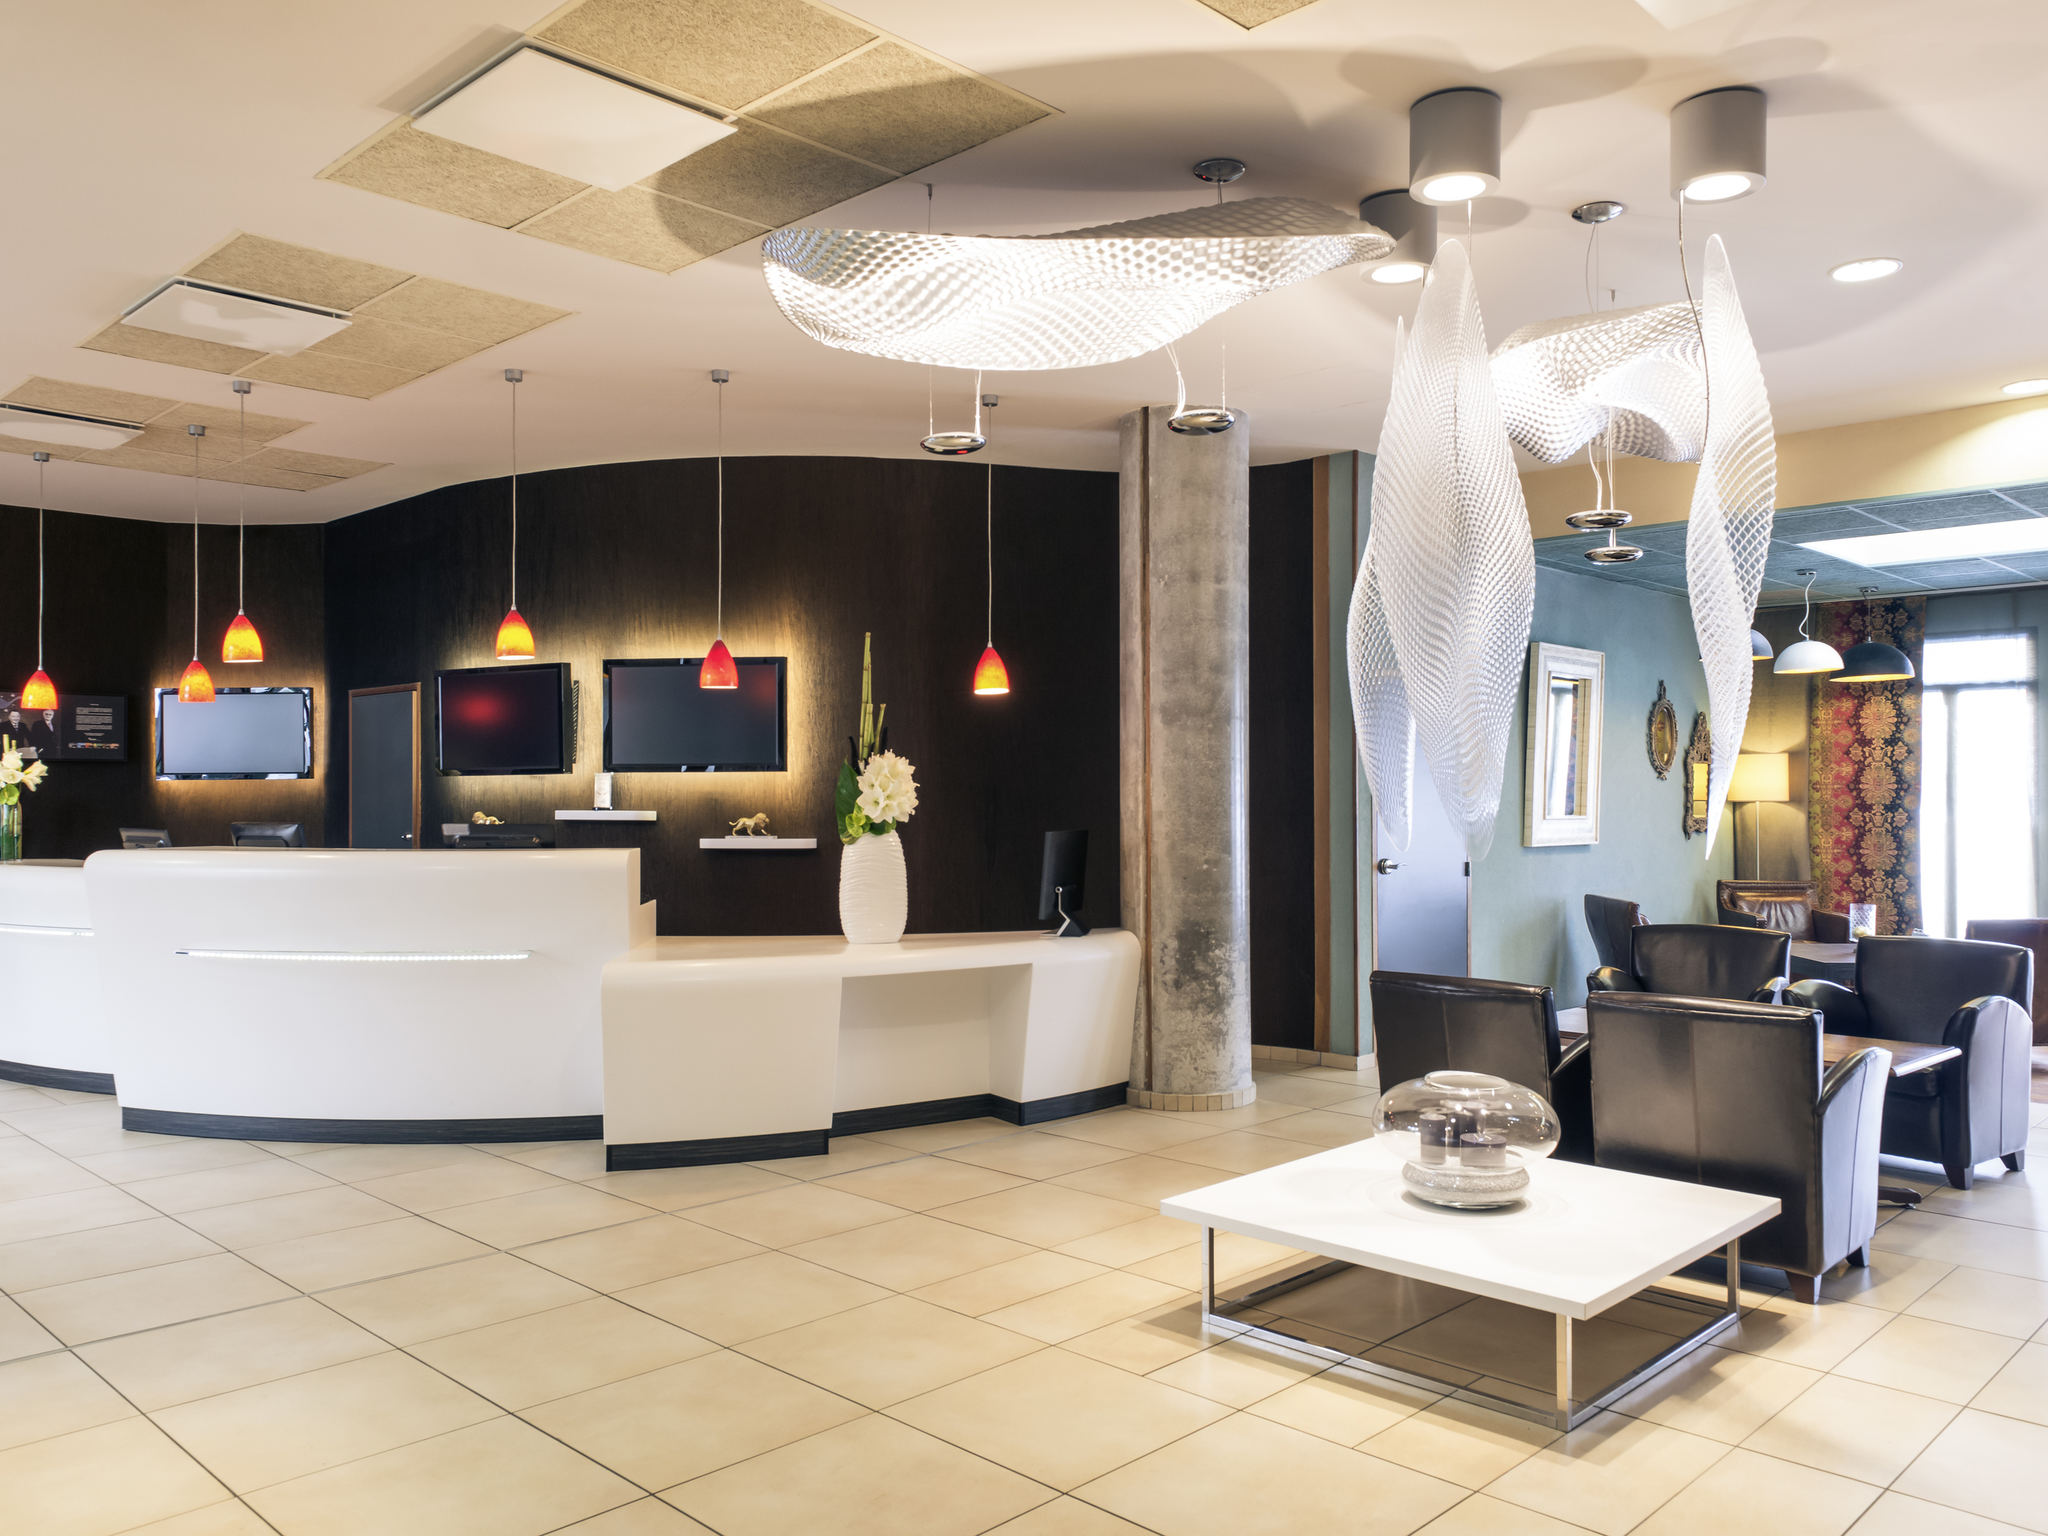 Hôtel - Hôtel Mercure Lyon Centre - Gare Part-Dieu